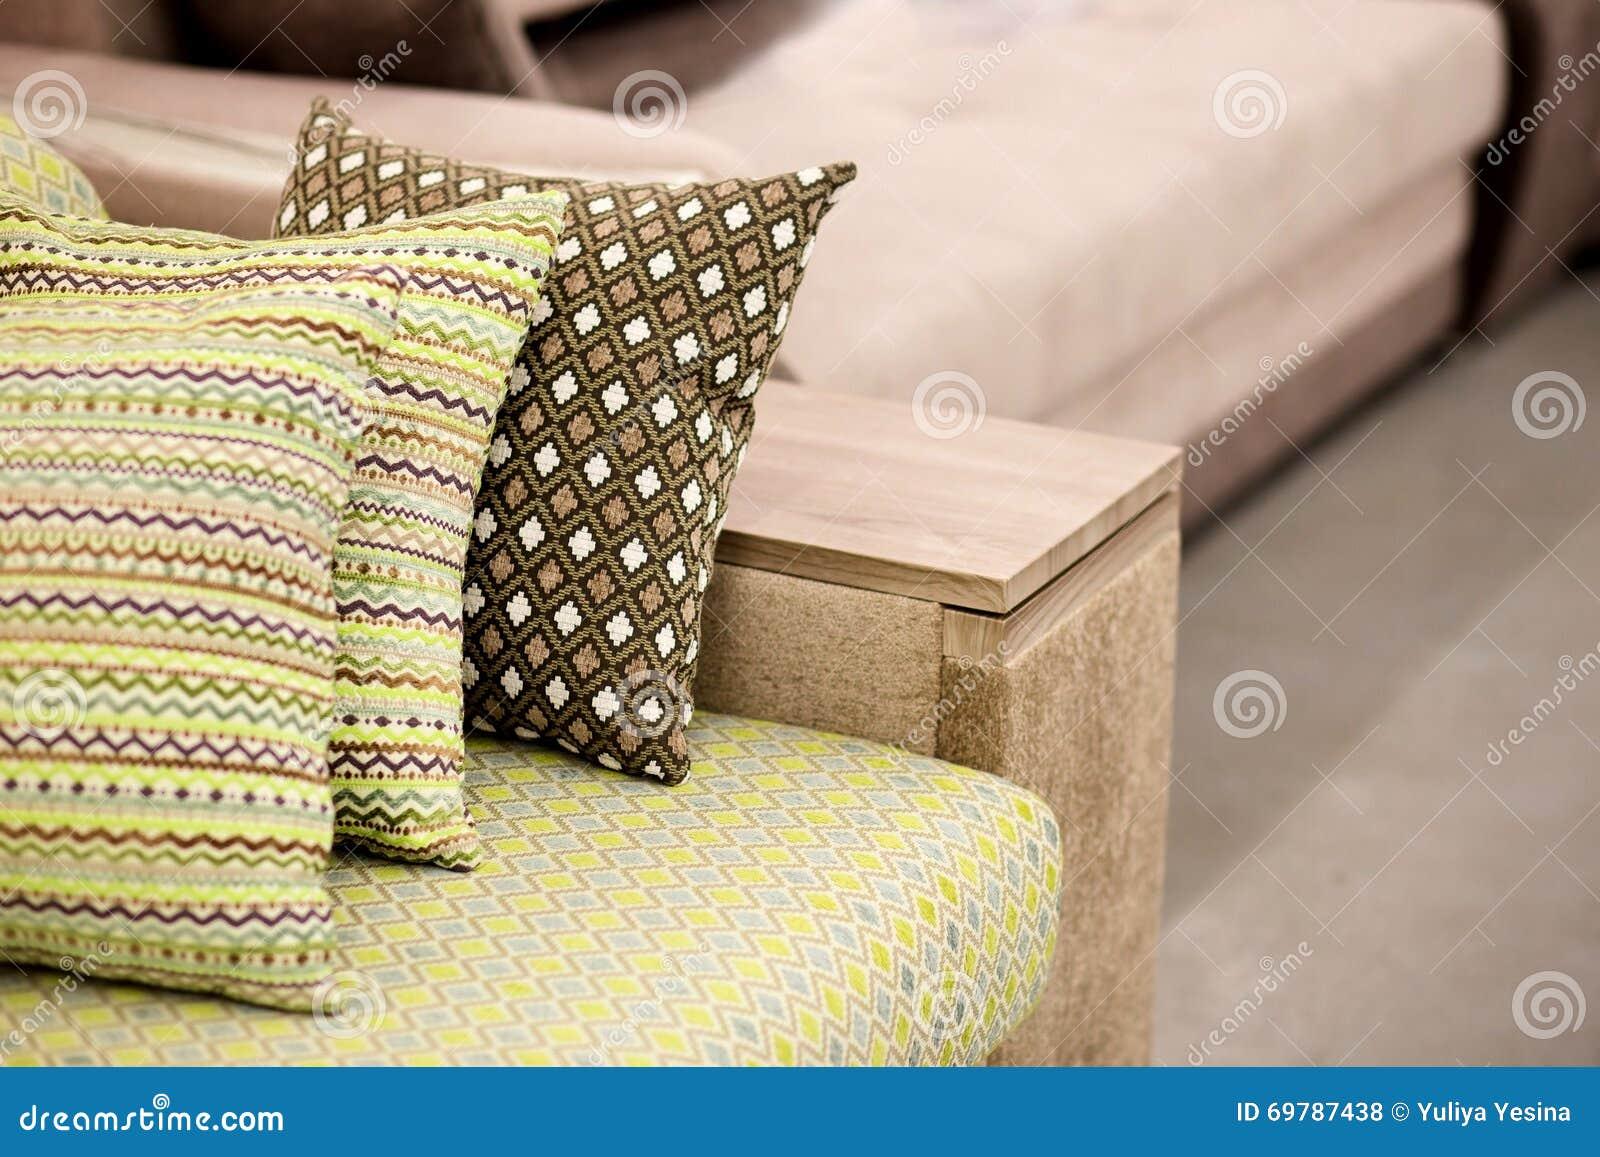 Sofa Mit Bunten Kissen Stockfoto Bild Von Haus Bequemlichkeit 69787438